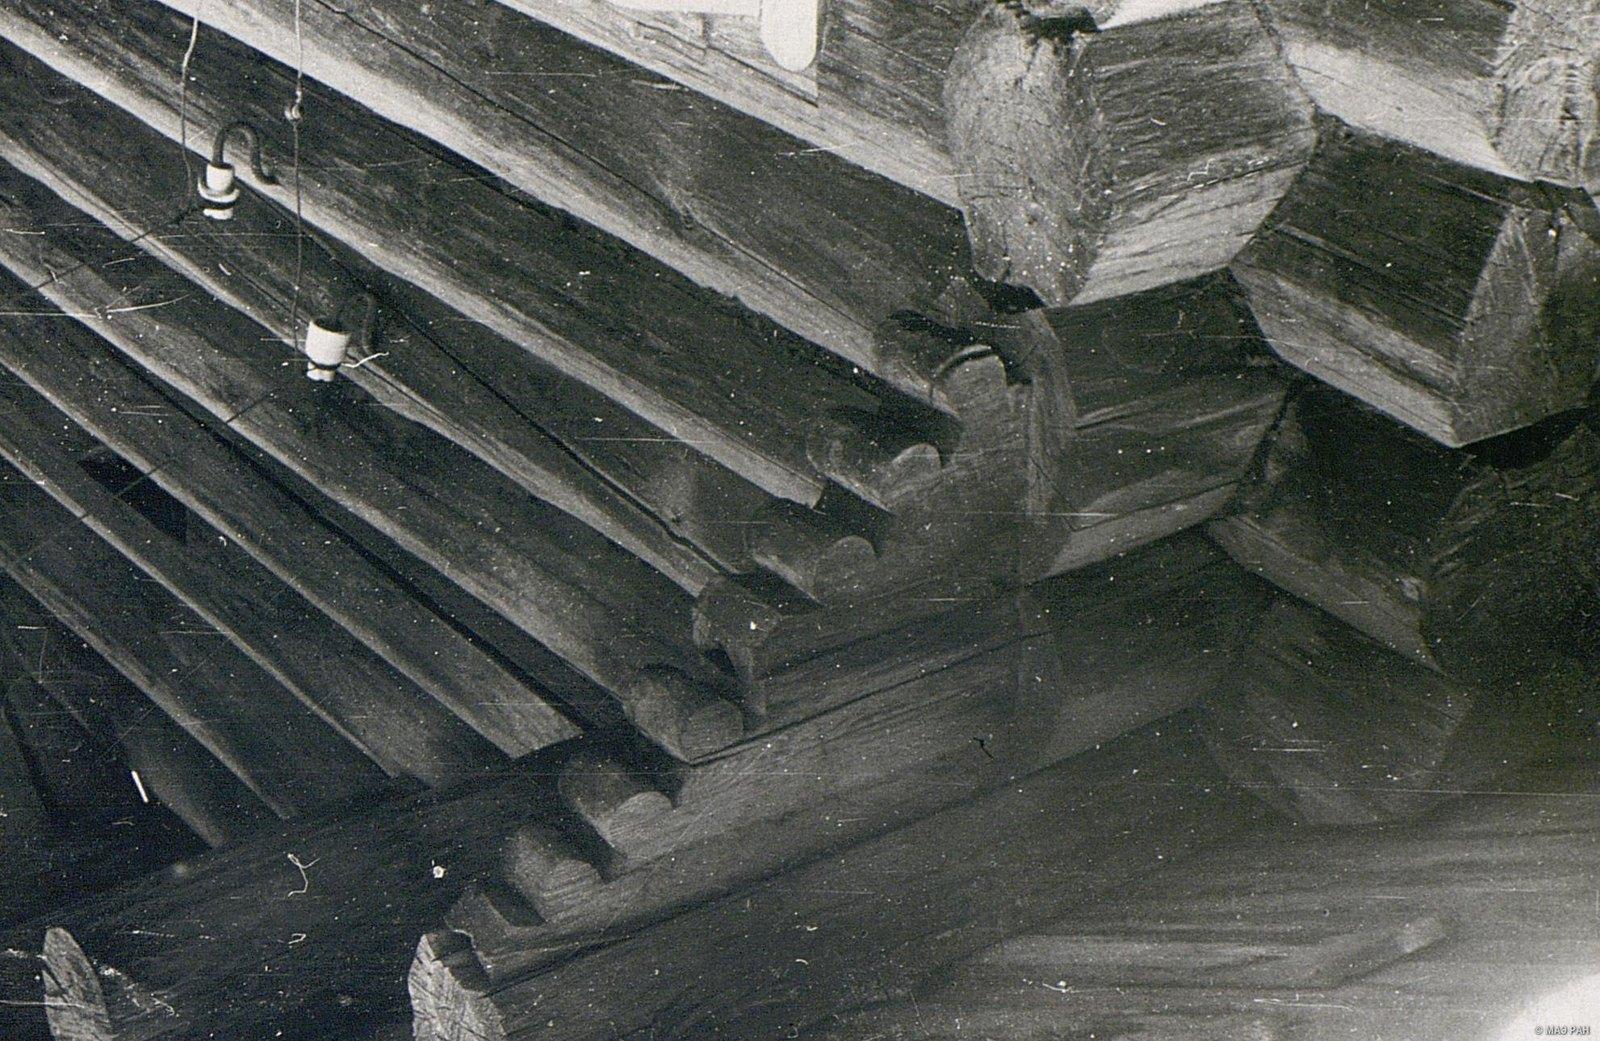 Резной повал (расширенная часть сруба, защищающая стены дома от дождя)